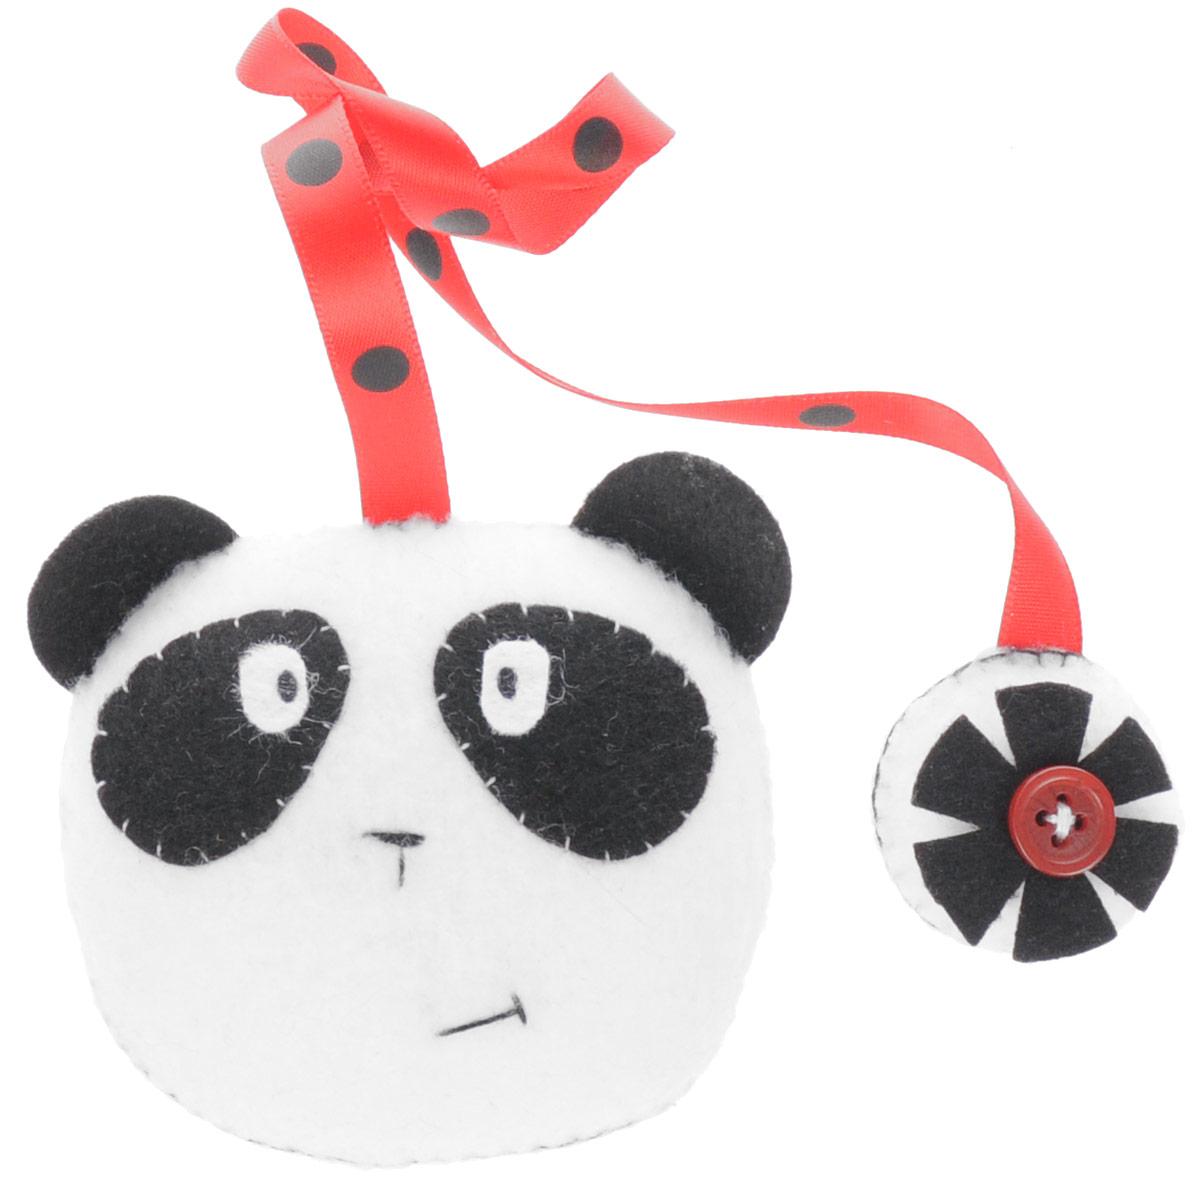 Закладка книжная Панда, 6,5 см х 7 см. Ручная работа. Автор Леся КелбаFS-00897Kelba - это творческая мастерская кукол и игрушек. Игрушка-закладка выполнена из текстиля в виде панды.